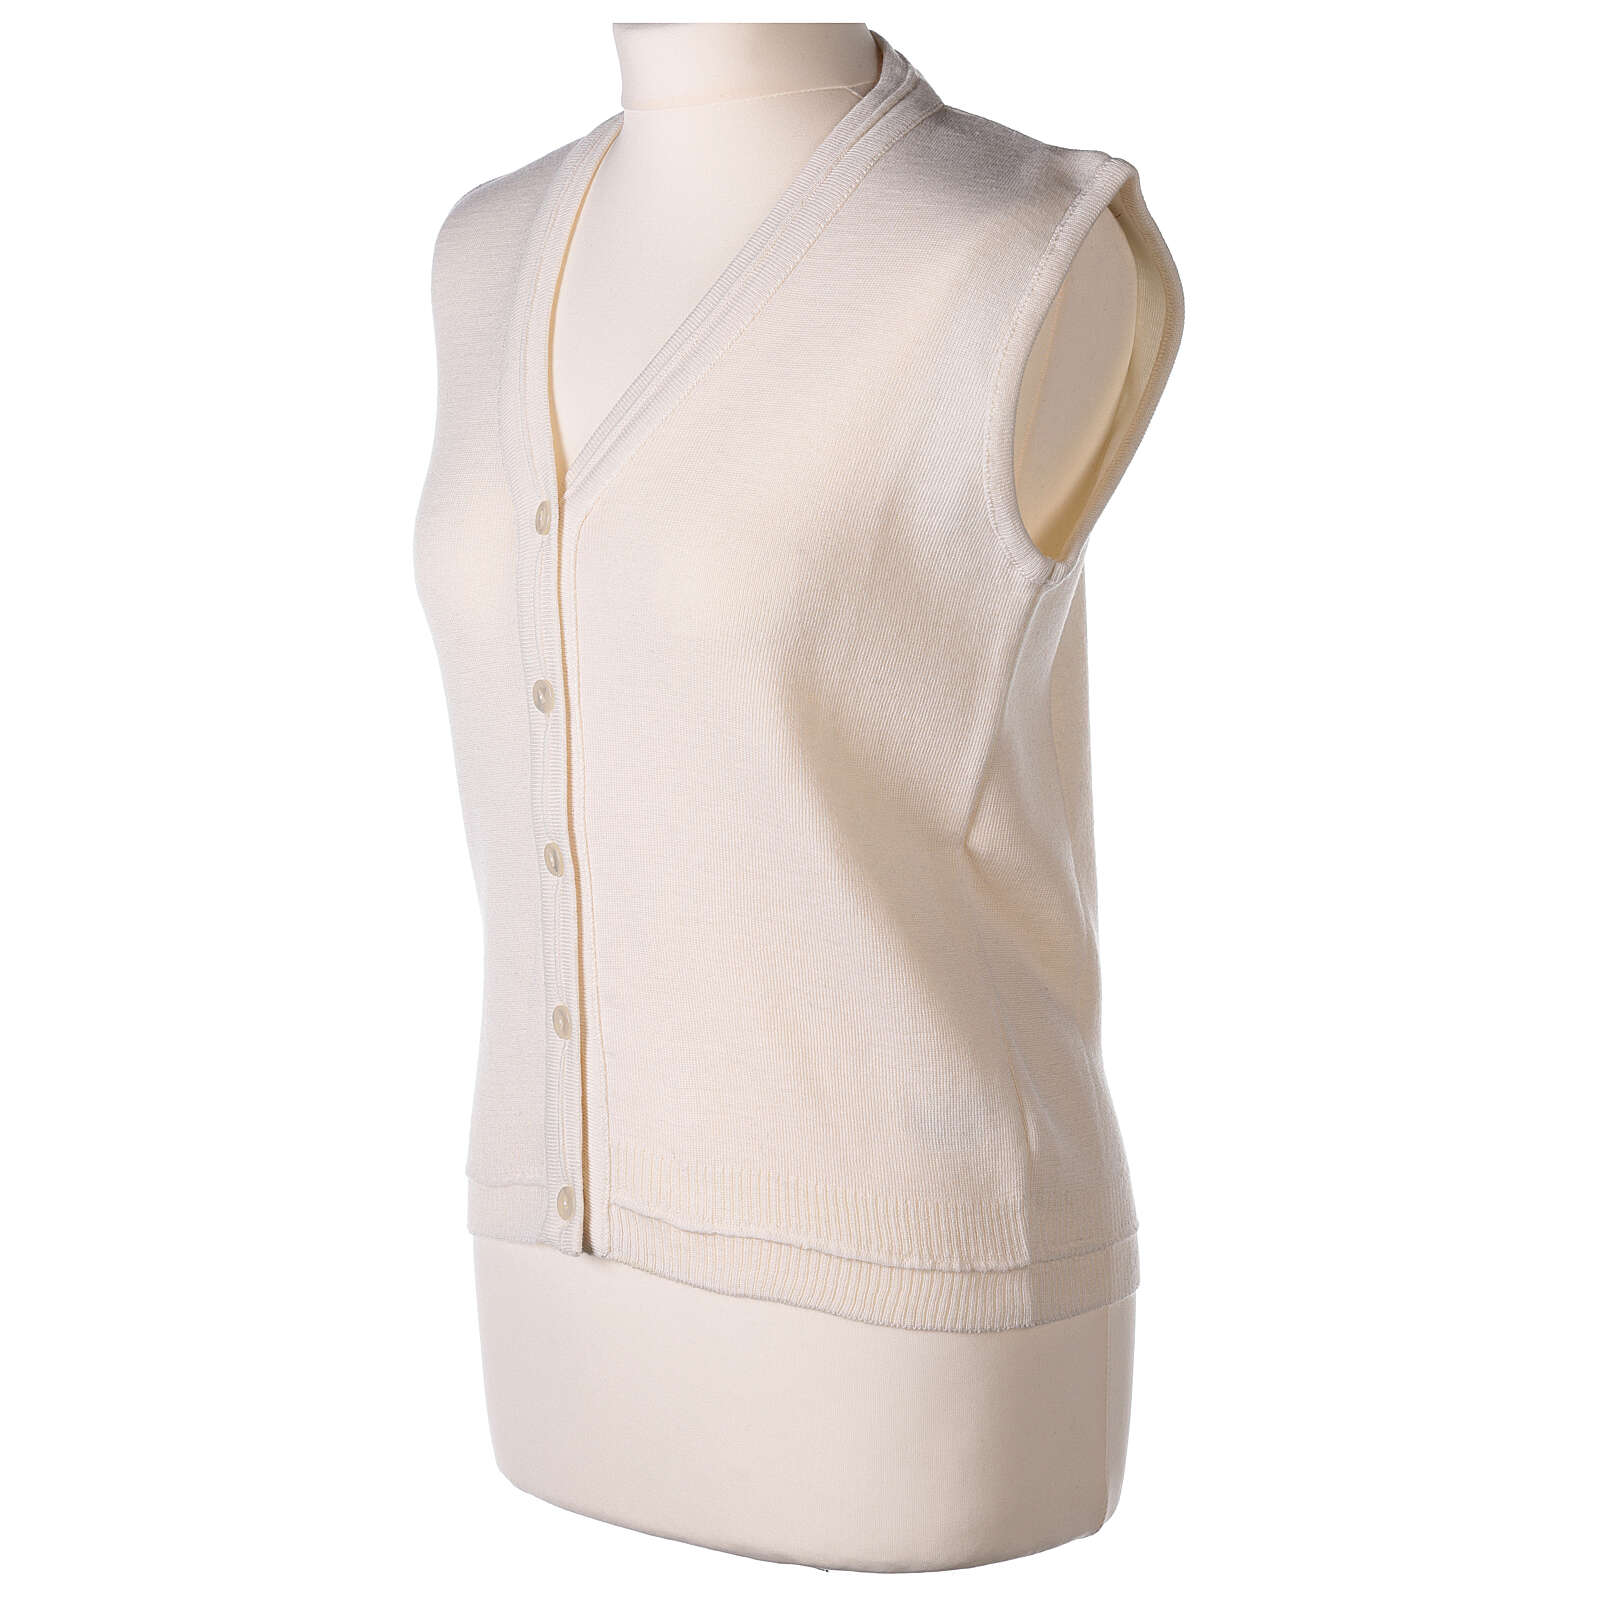 Gilet blanc court col en V 50% acrylique 50% laine mérinos pour soeur In Primis 4